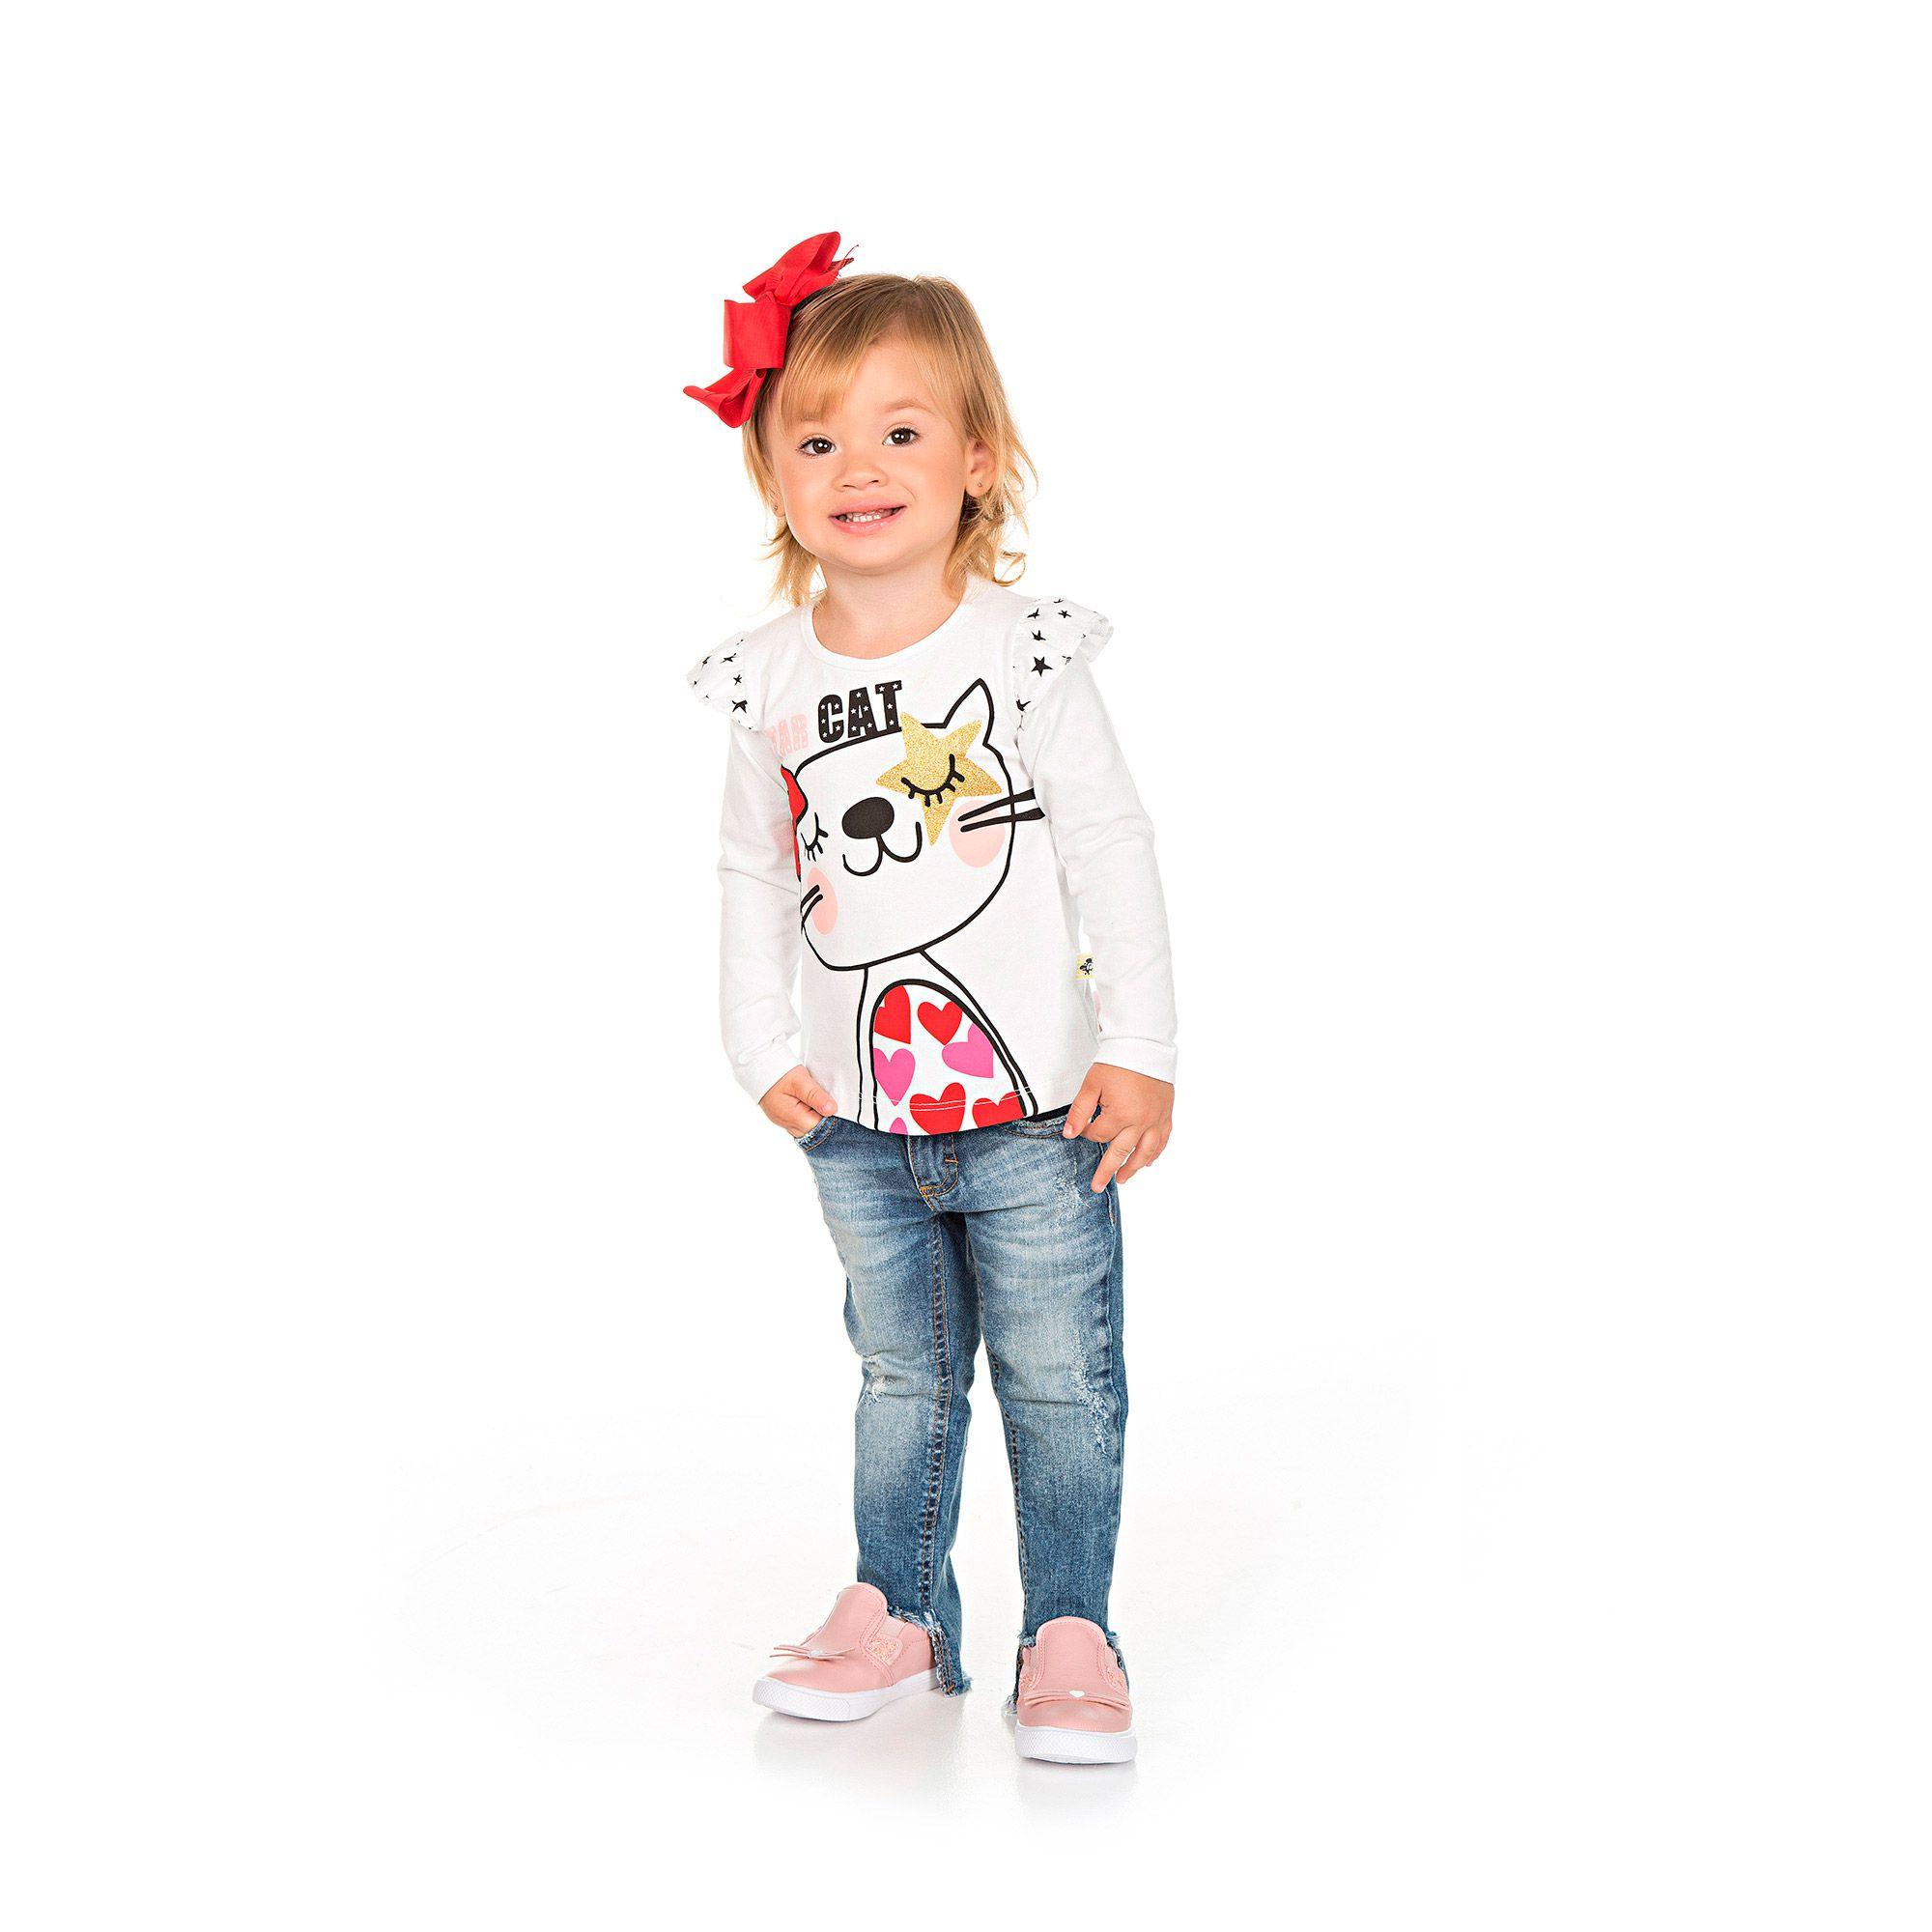 Blusa Infantil em Cotton - Ref 4963 - Branca